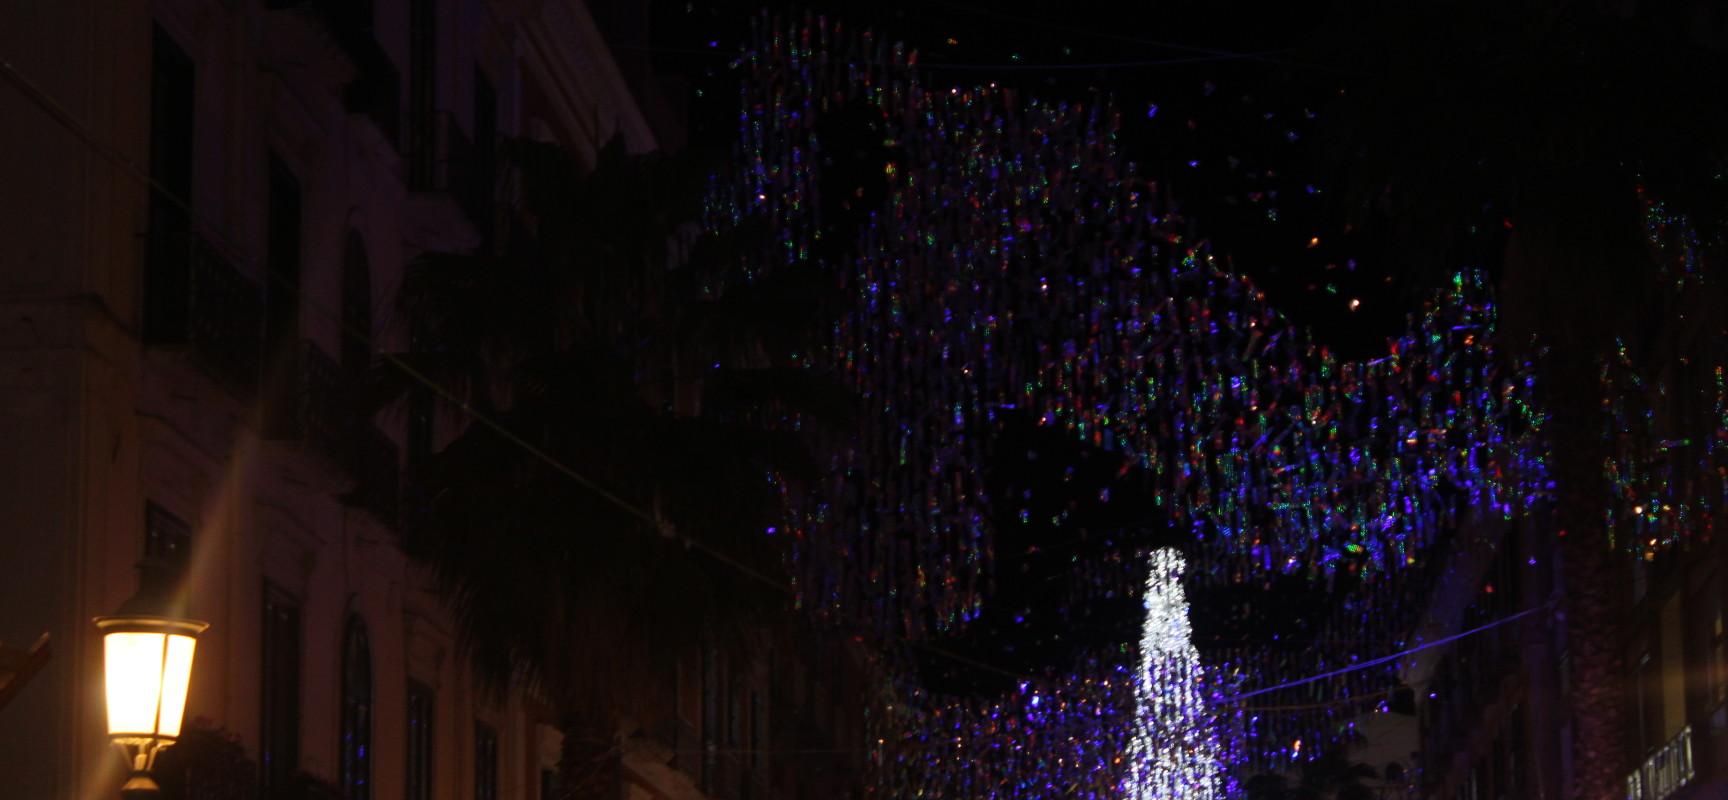 Capodanno 2014, Le Luci  di Artista incorniciano la festa